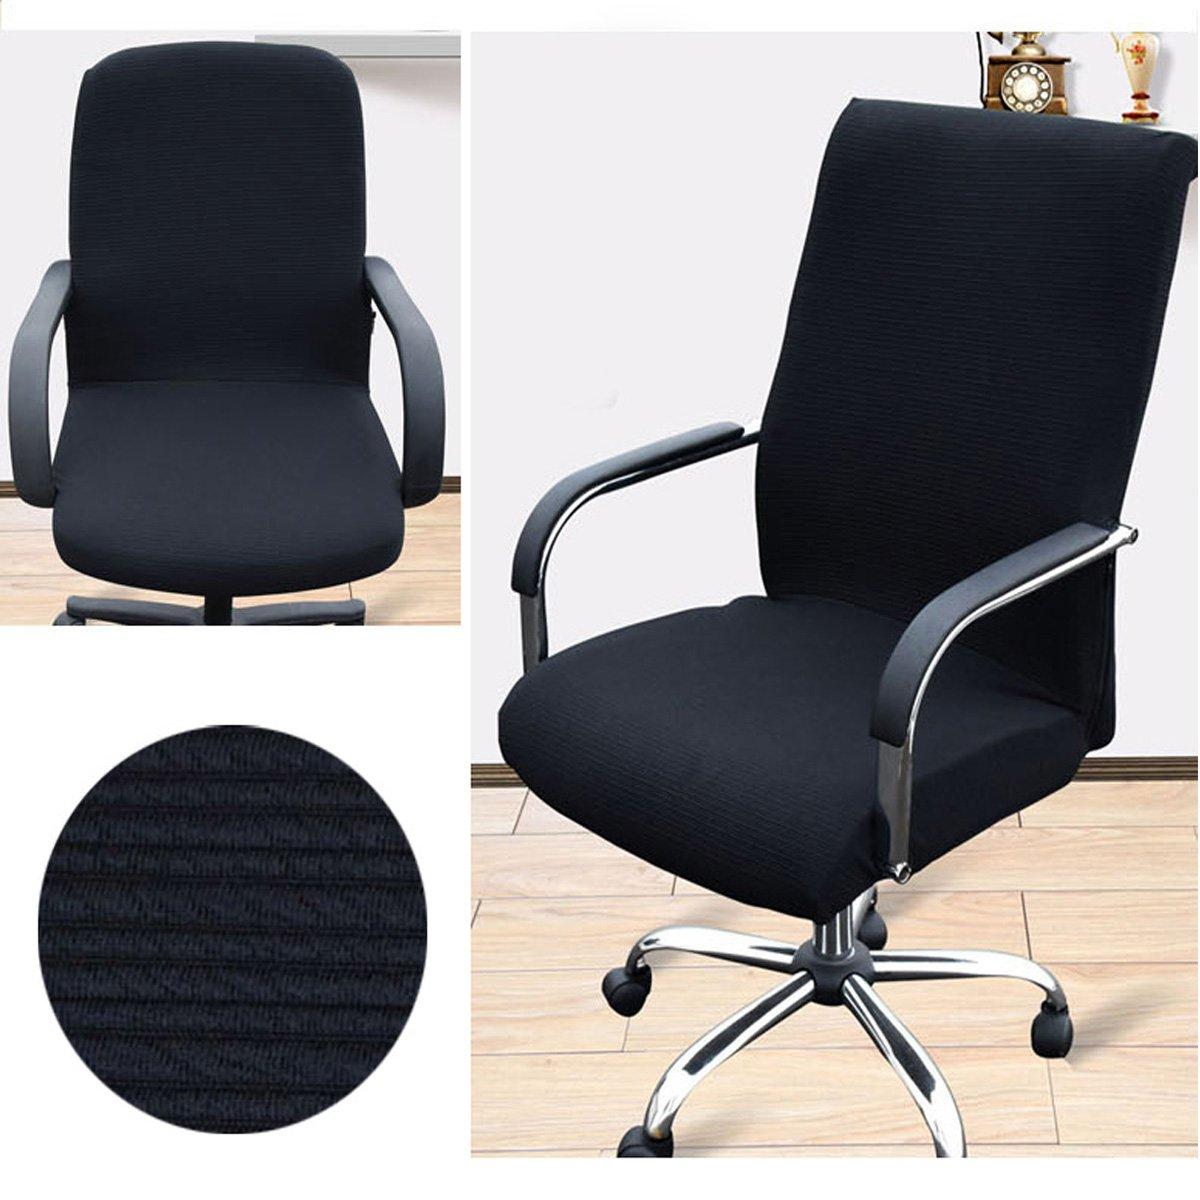 KING DO WAY Polyester-baumwolle Bezug für Bürostuhl - Husse für Bürodrehstuhl,Mode Einfachheit Stuhlhusse Stretch-Stuhlbezug,Sitz Cover,Removable,waschbar,S Größe Schwarz